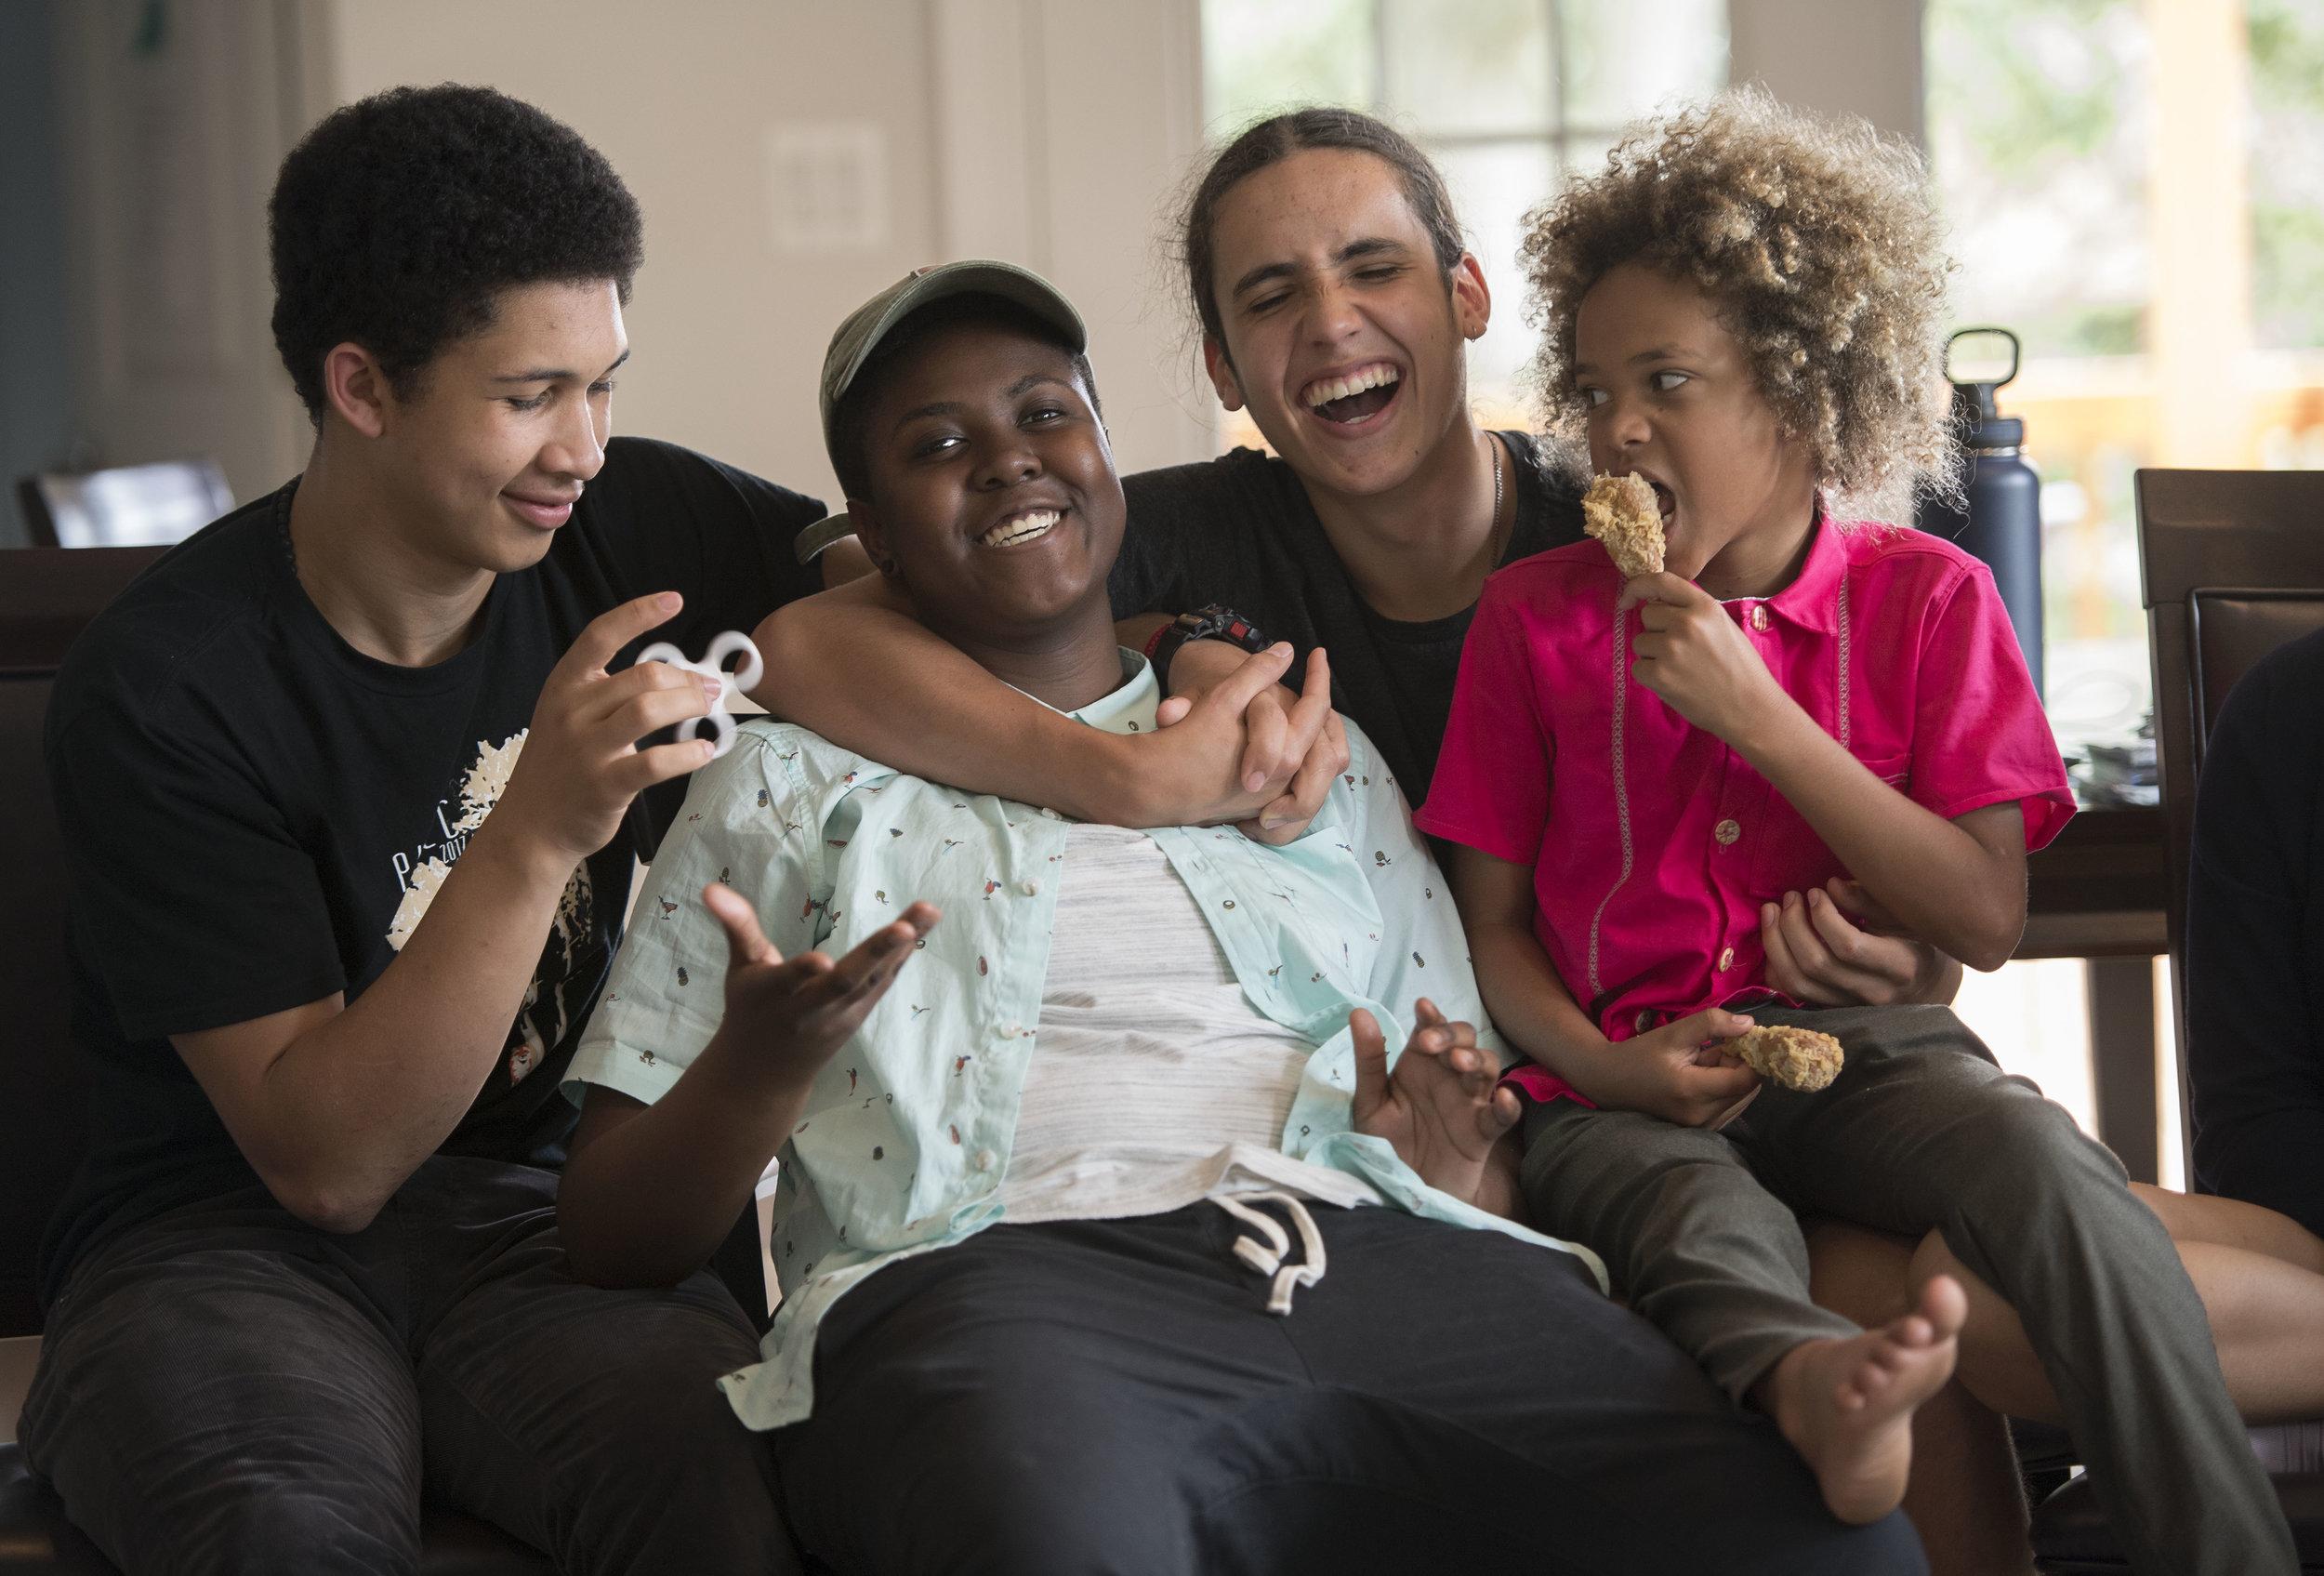 Vic con compañerxs demandantes en el caso de  Juliana versus Estados Unidos , (de izquierda a derecha) Aji, Xiuhtezcatl y Levi. Foto por: Robin Loznak / Our Children's Trust